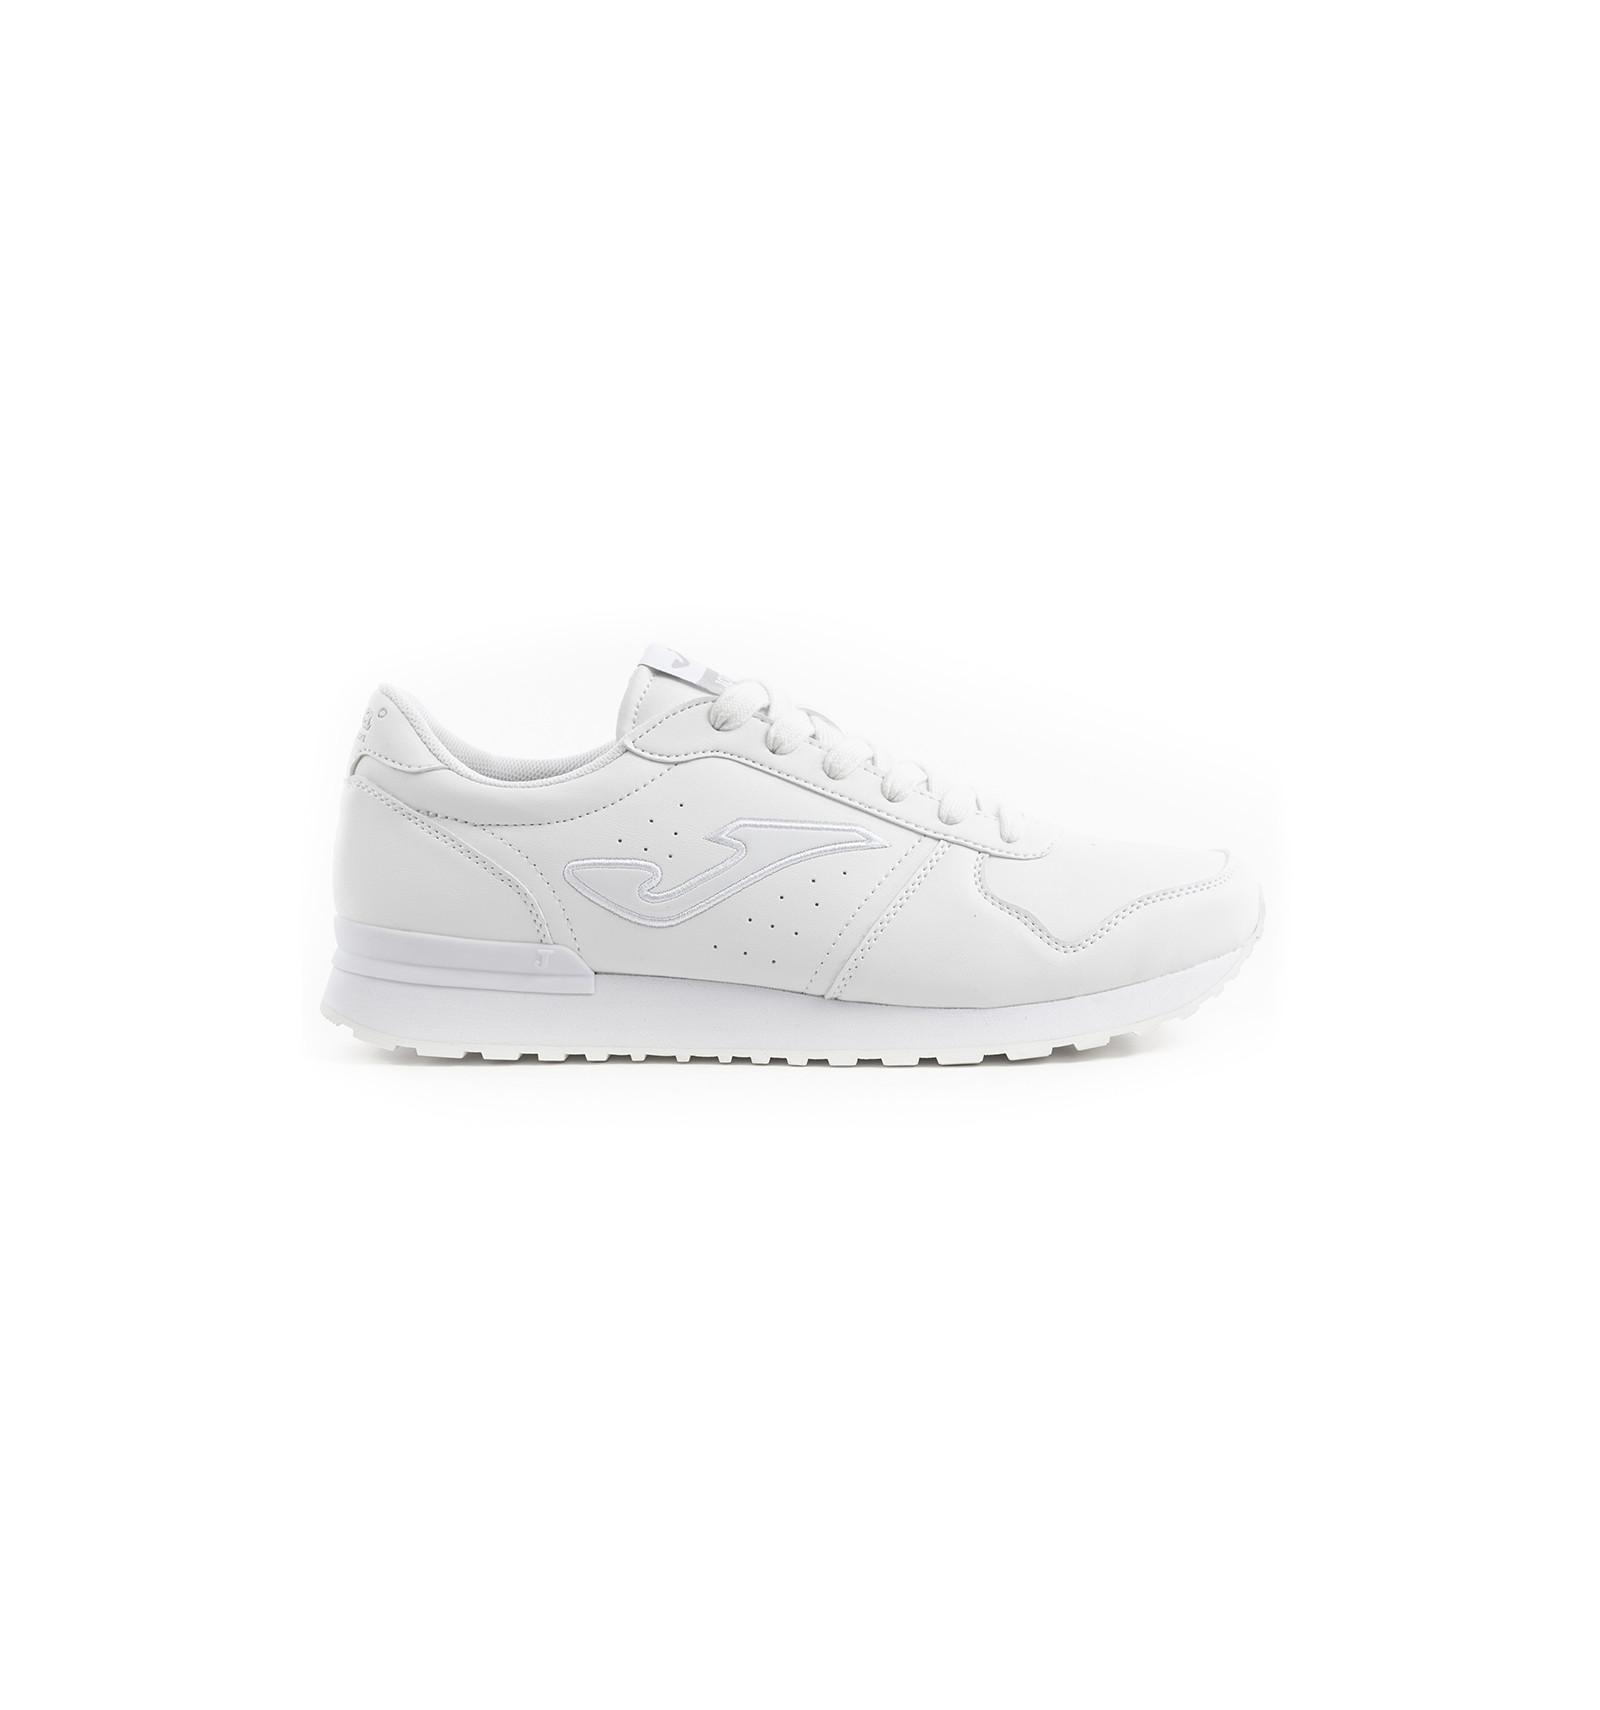 amplia gama marca popular colores y llamativos zapatillas casual hombre blancas br3e099aa - breakfreeweb.com